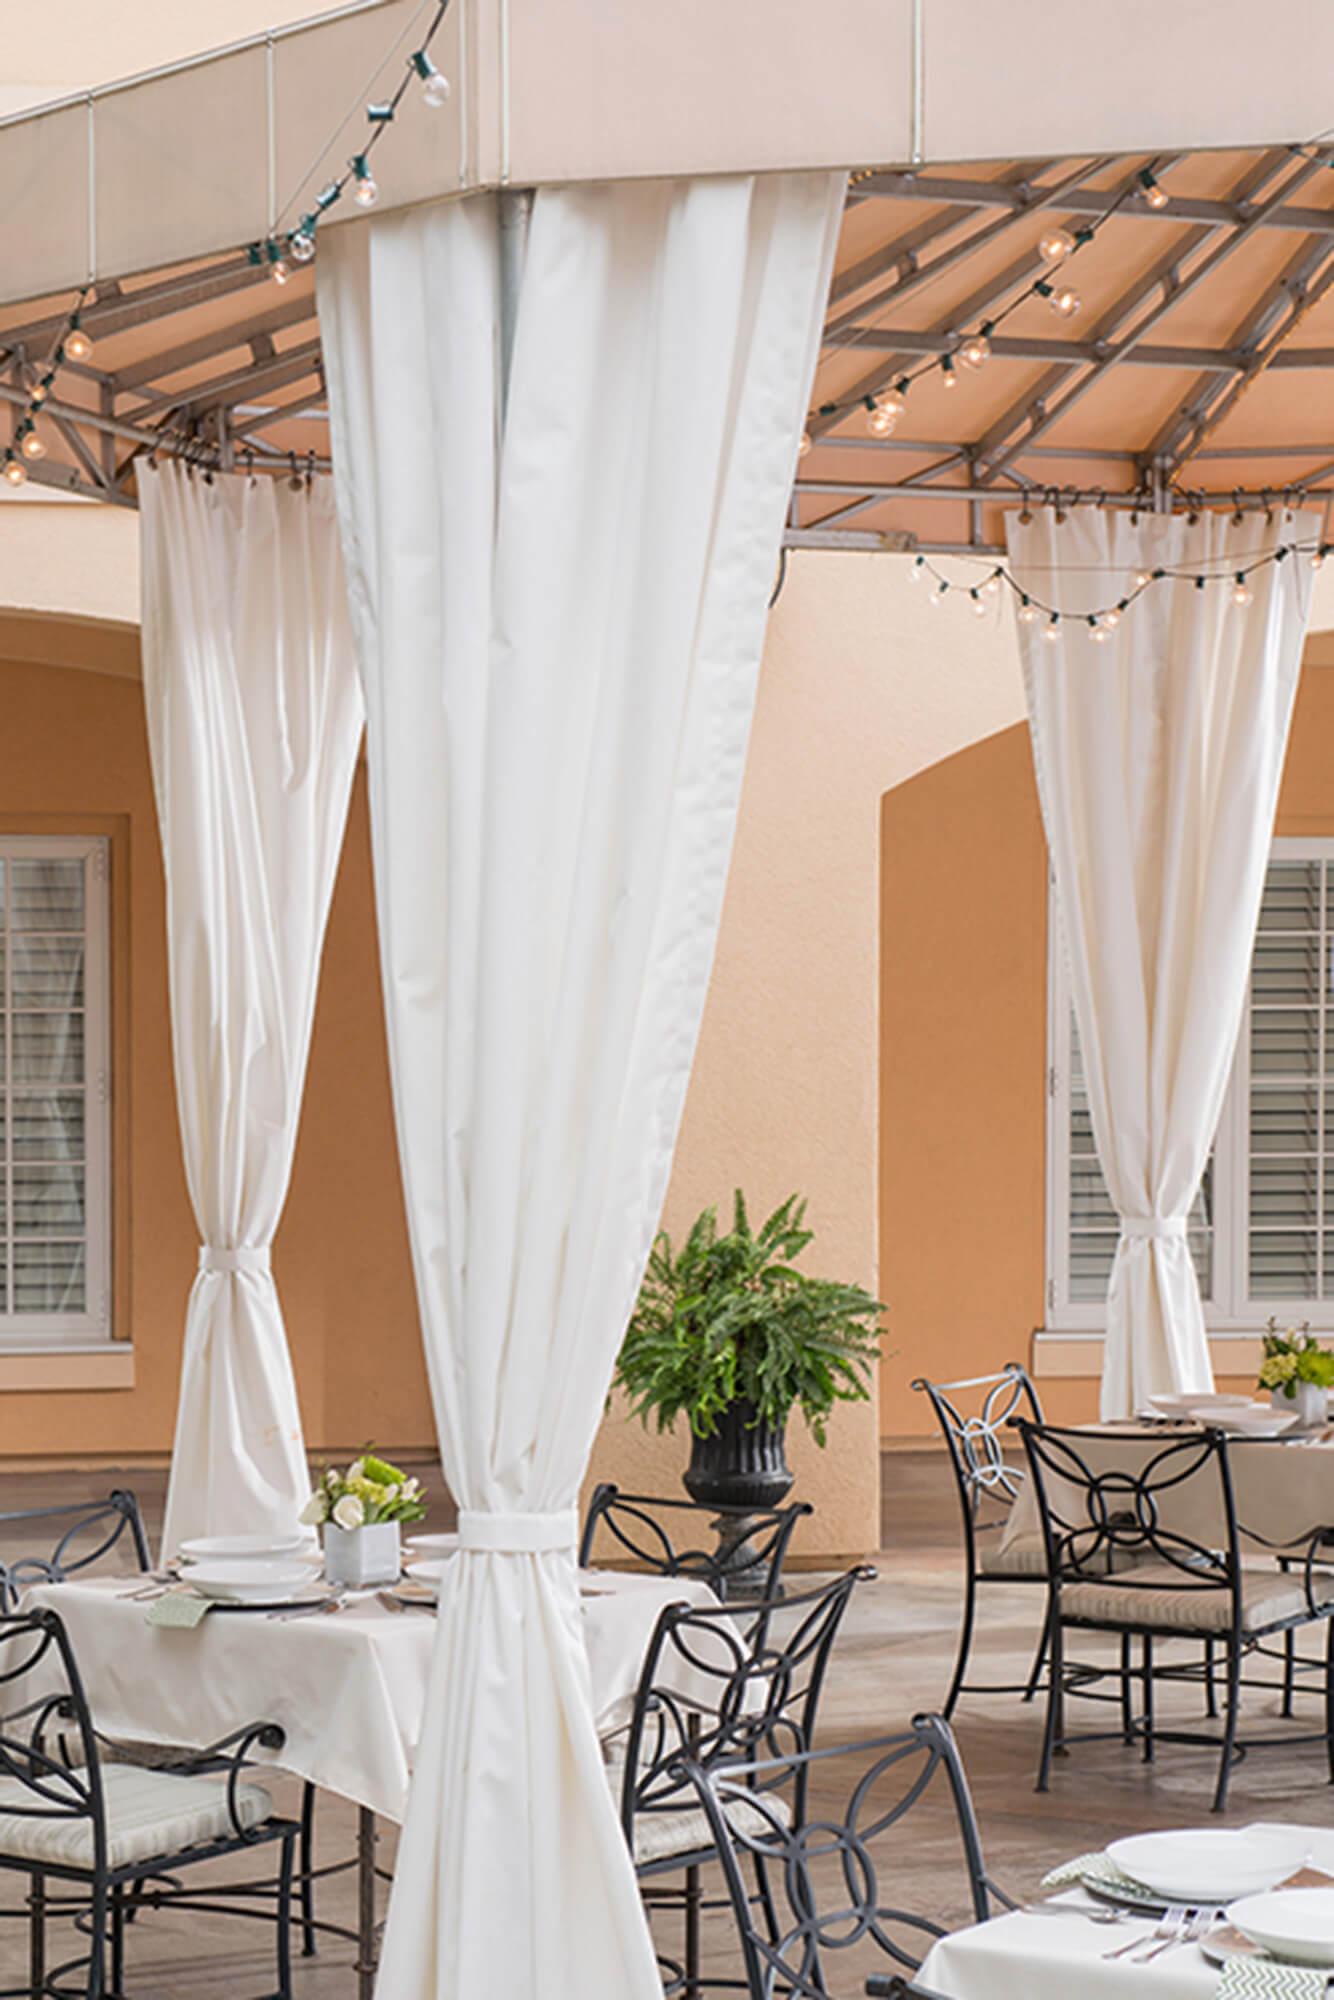 由 Sunbrella Clarity 织物制成的,固定过支架的遮阳蓬为餐馆露台遮阴